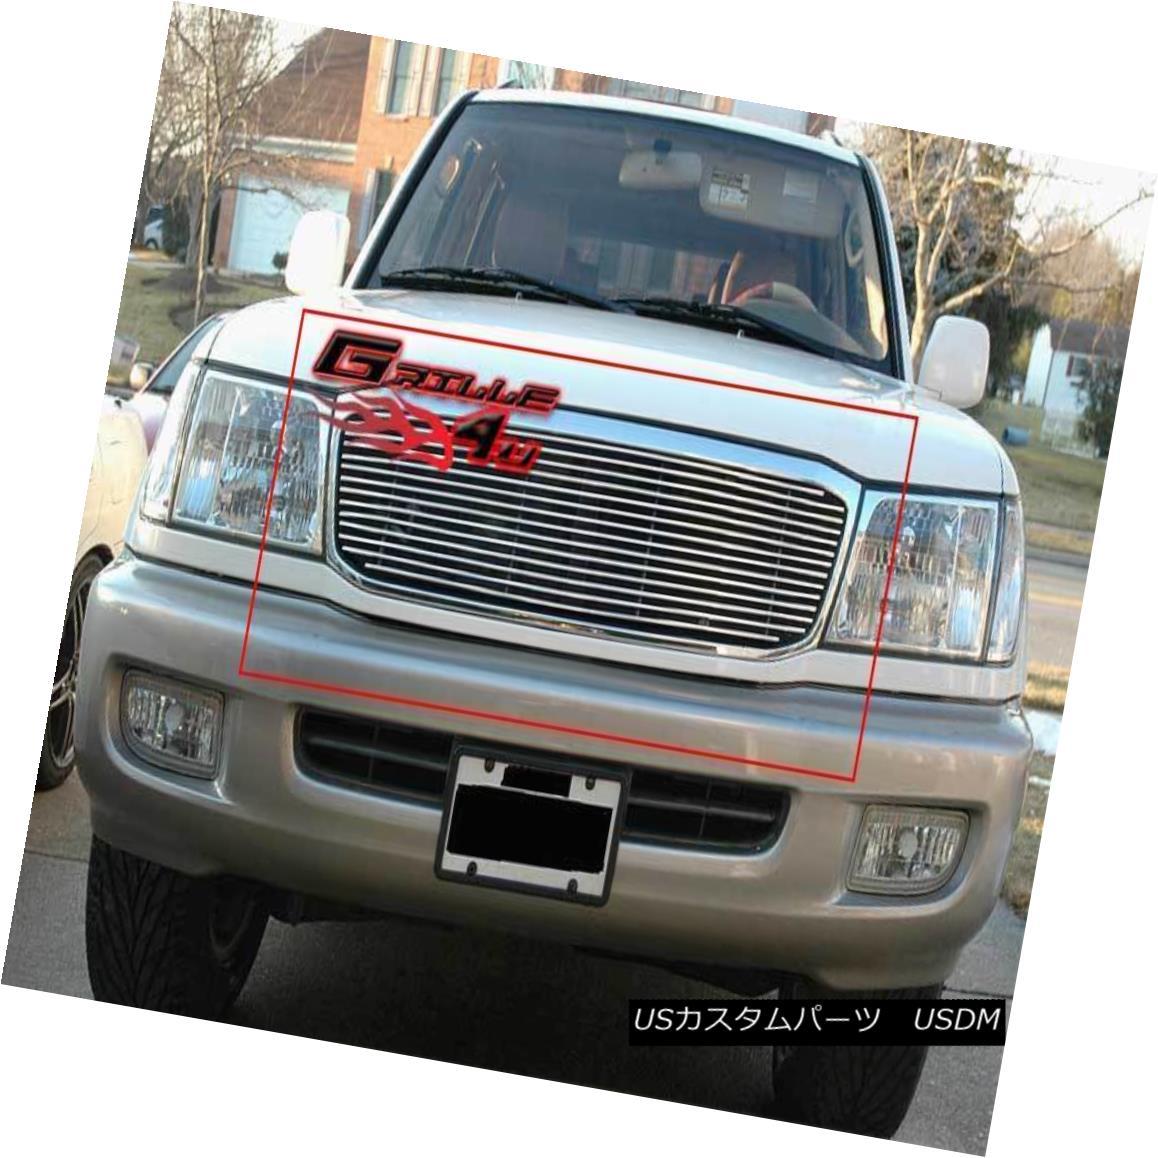 グリル For 99-02 Toyota Land Cruiser Billet Grille Insert 99-02用トヨタランドクルーザービレットグリルインサート